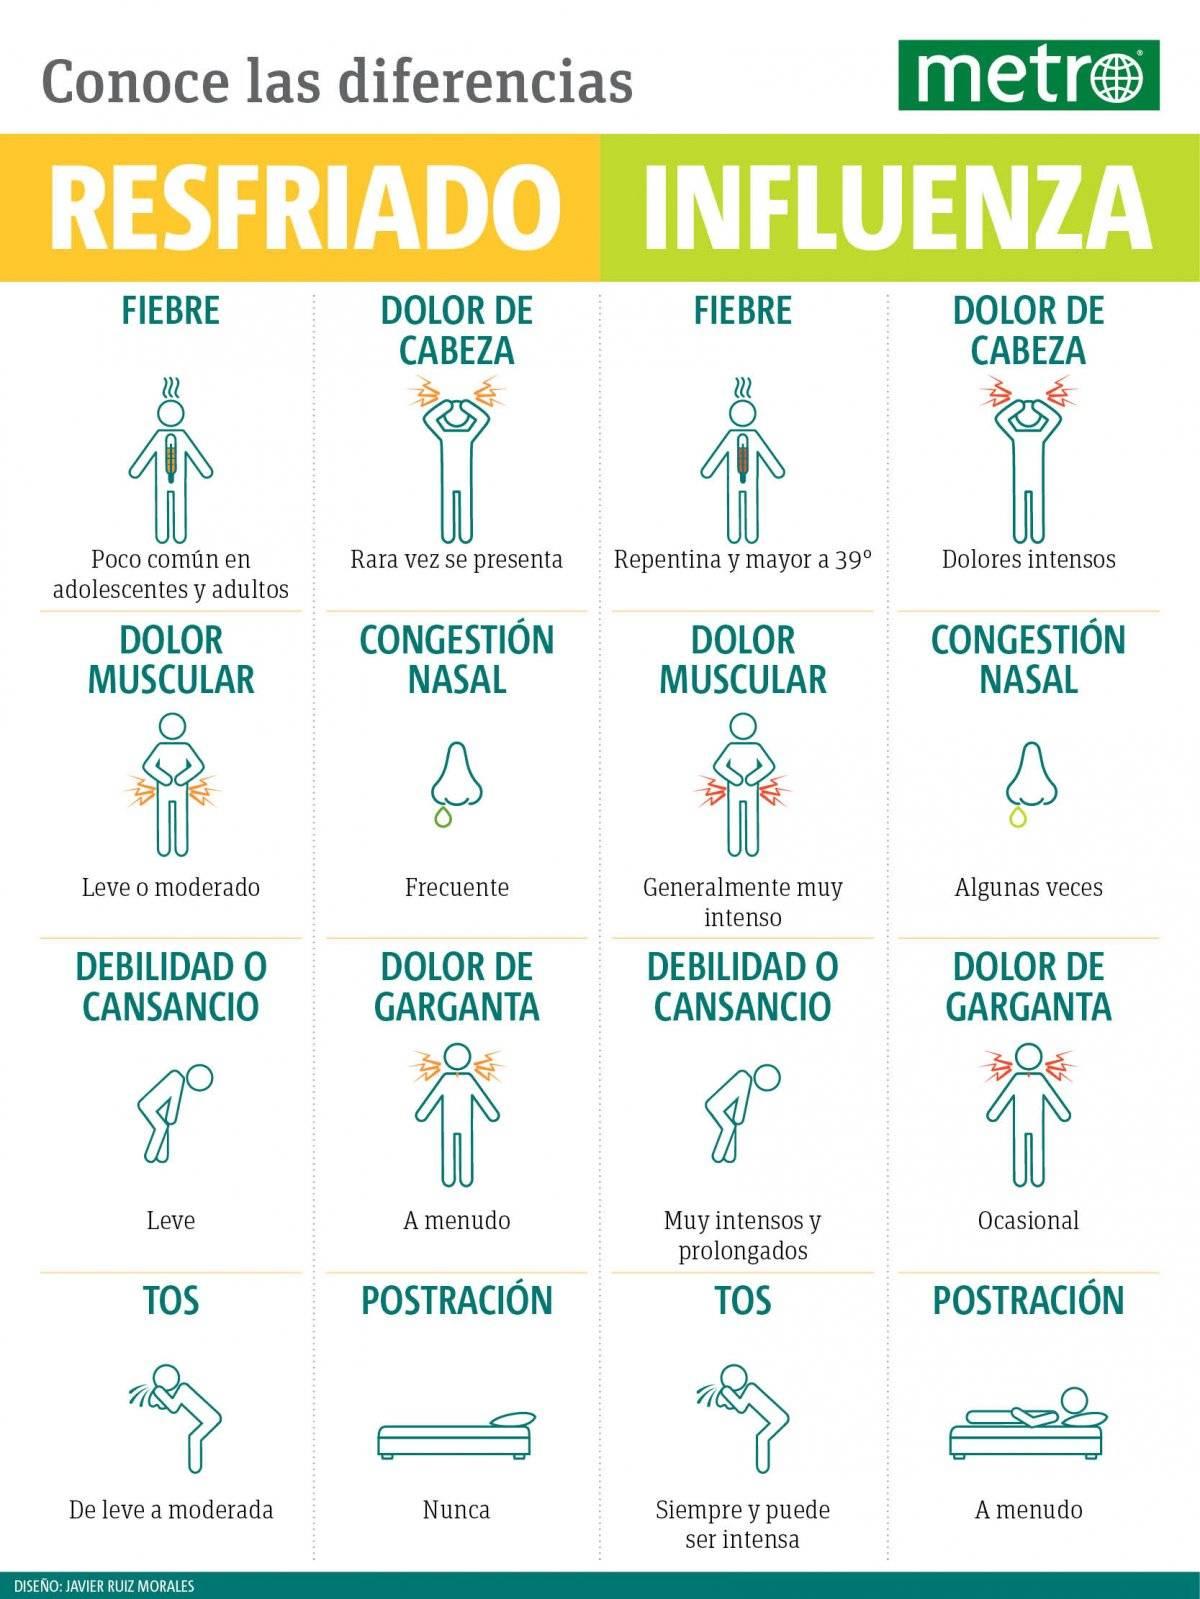 Diferencias entre resfriado e influenza / Diseño: Metro